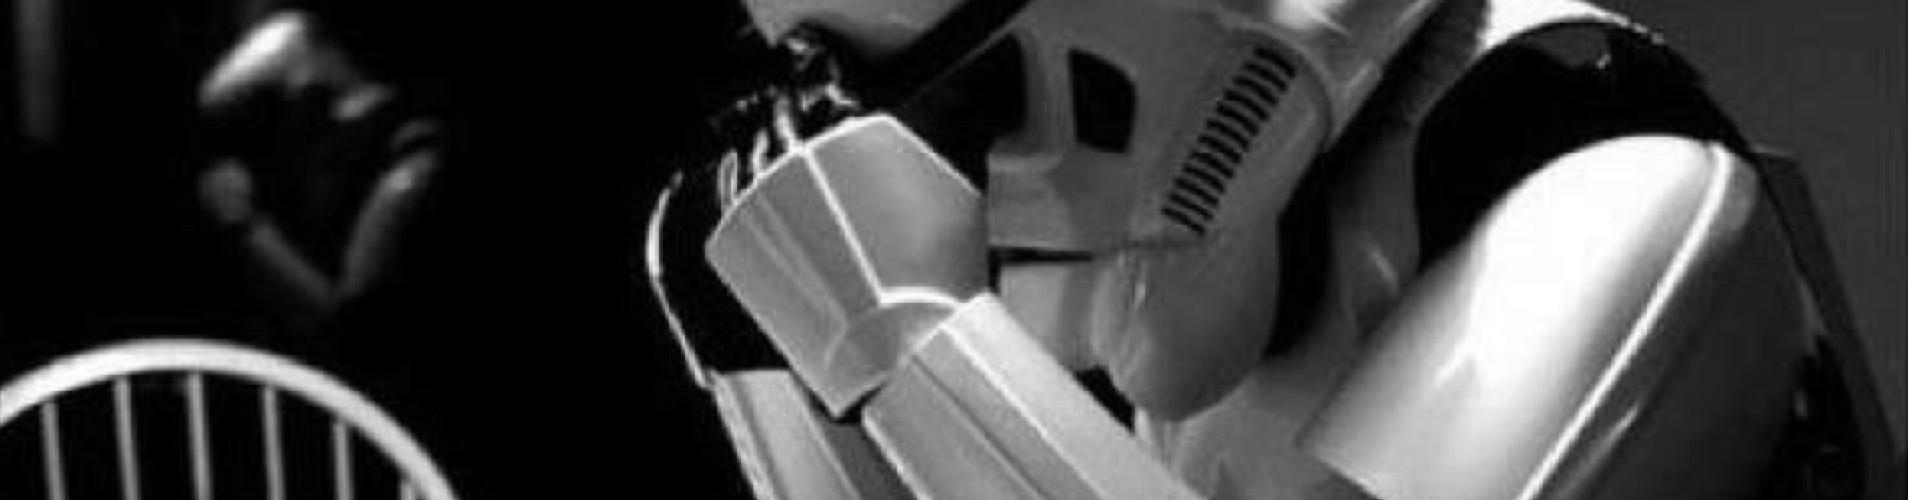 Star wars regret